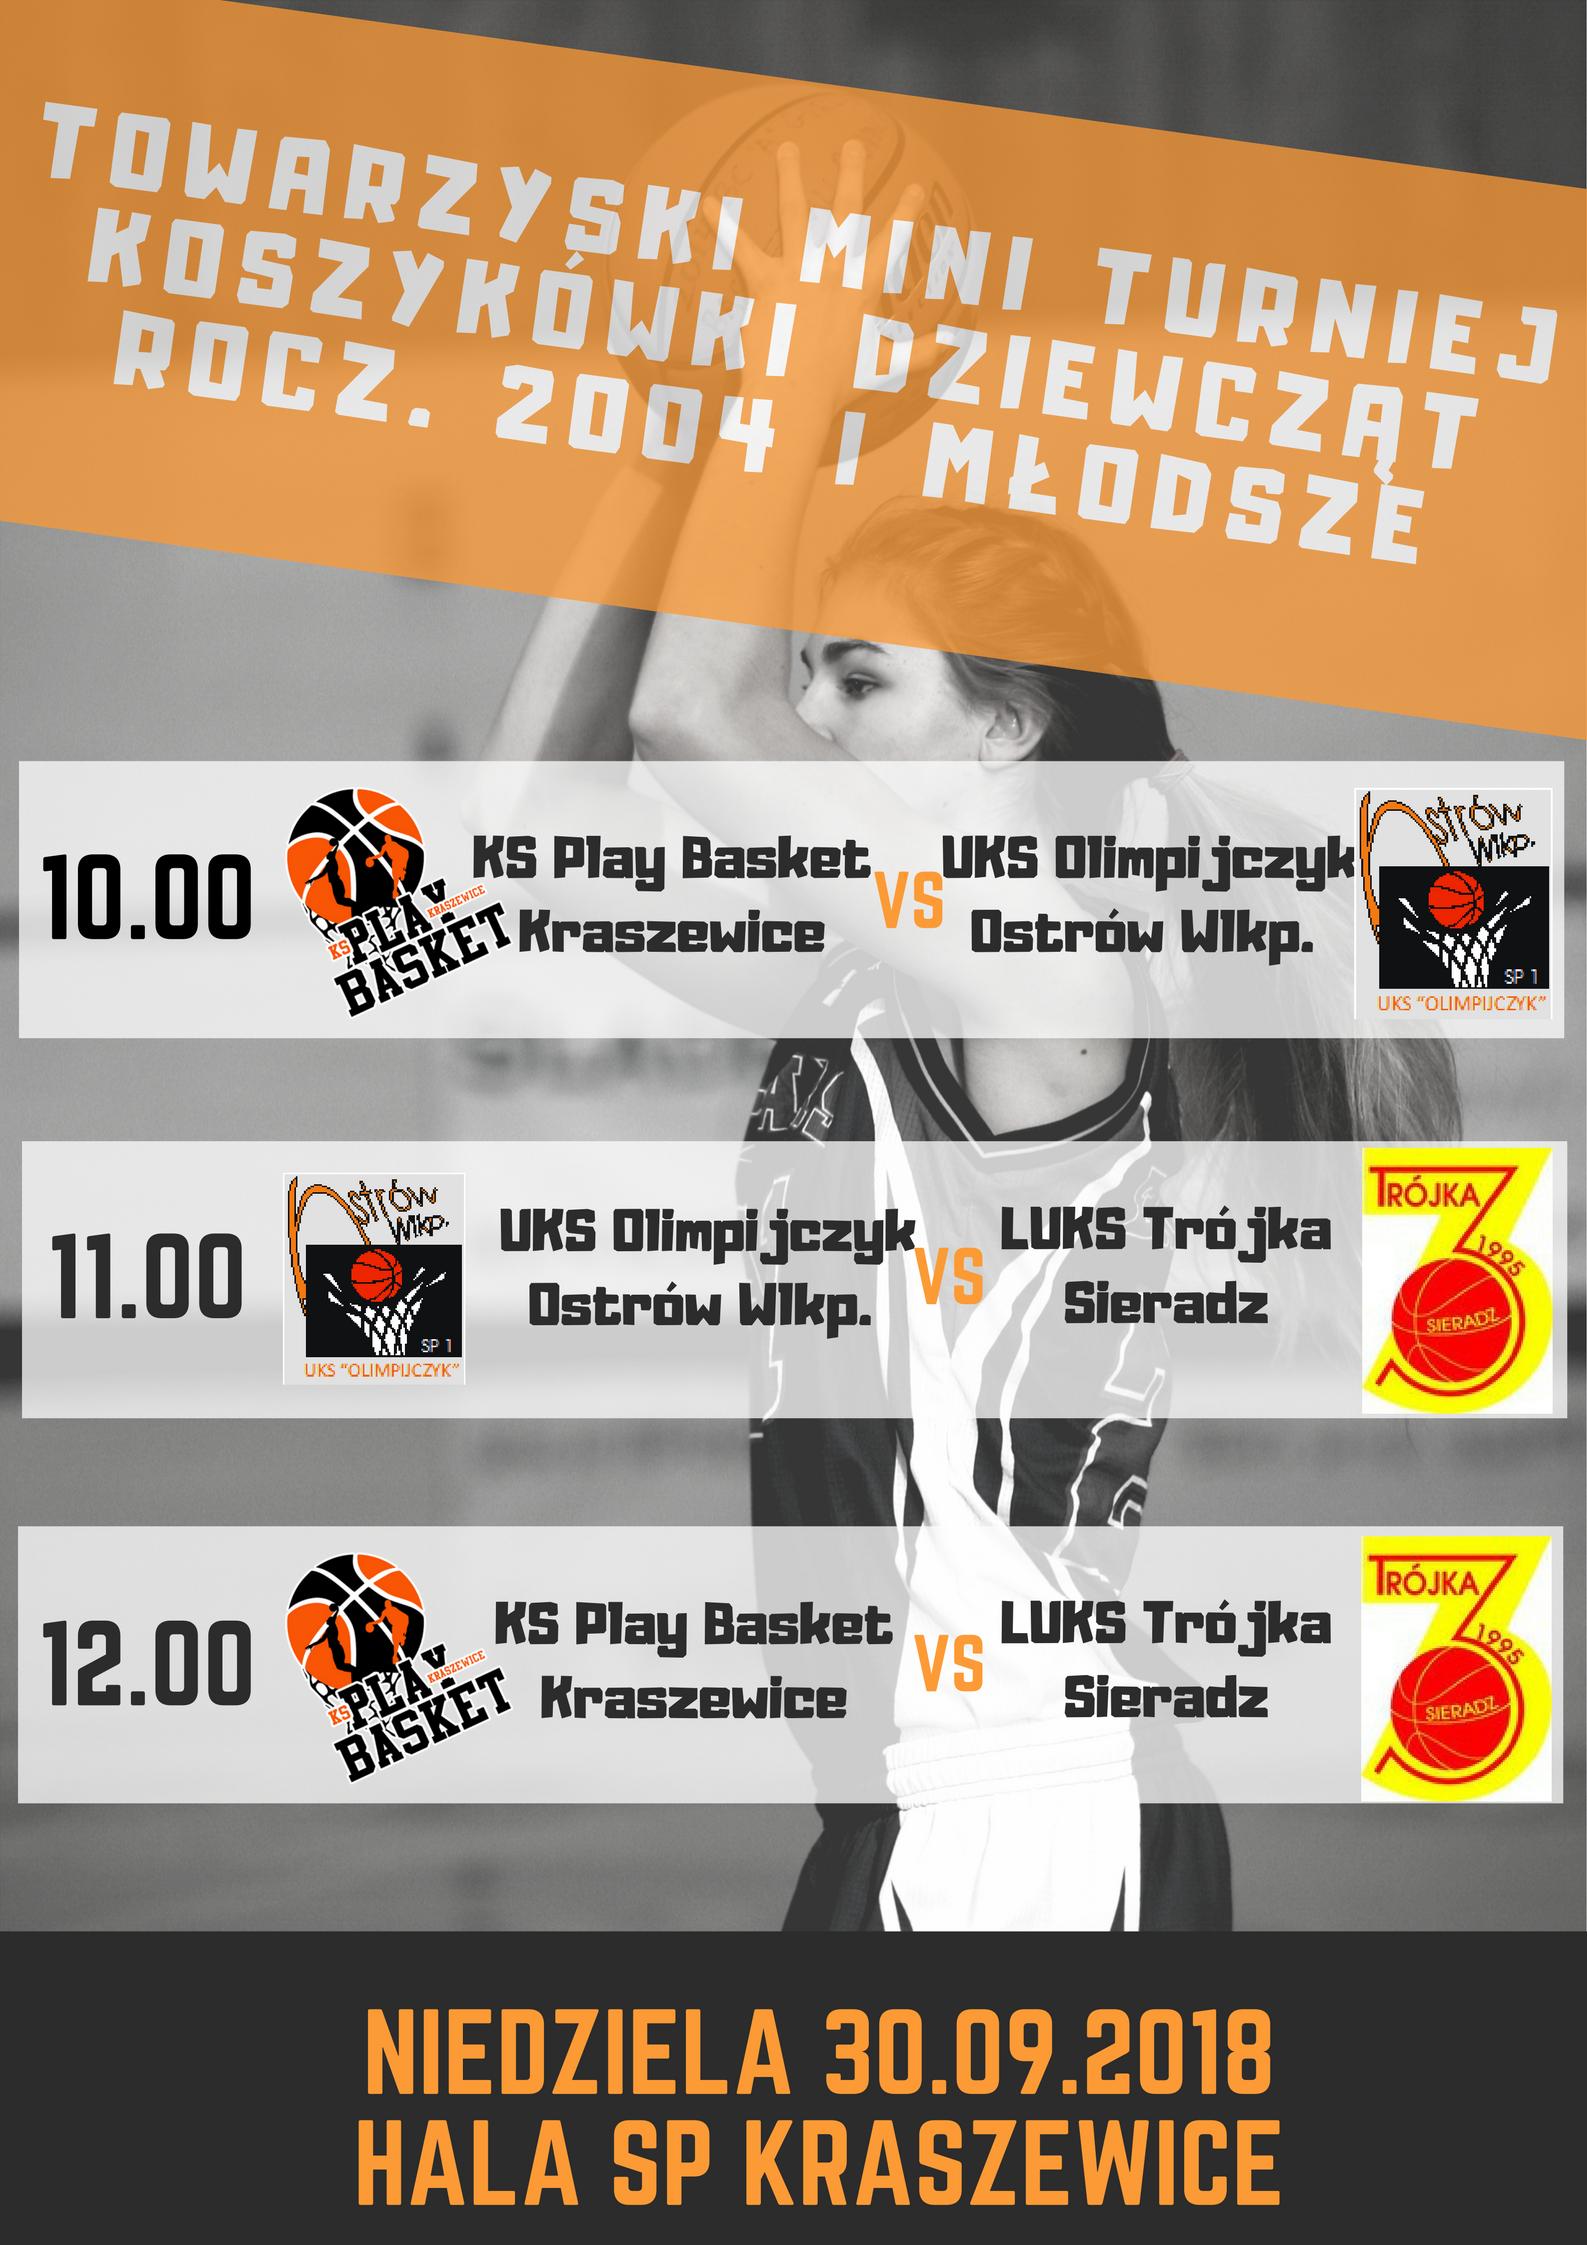 towarzyski mini turniej koszykwki dziewczt U-15png